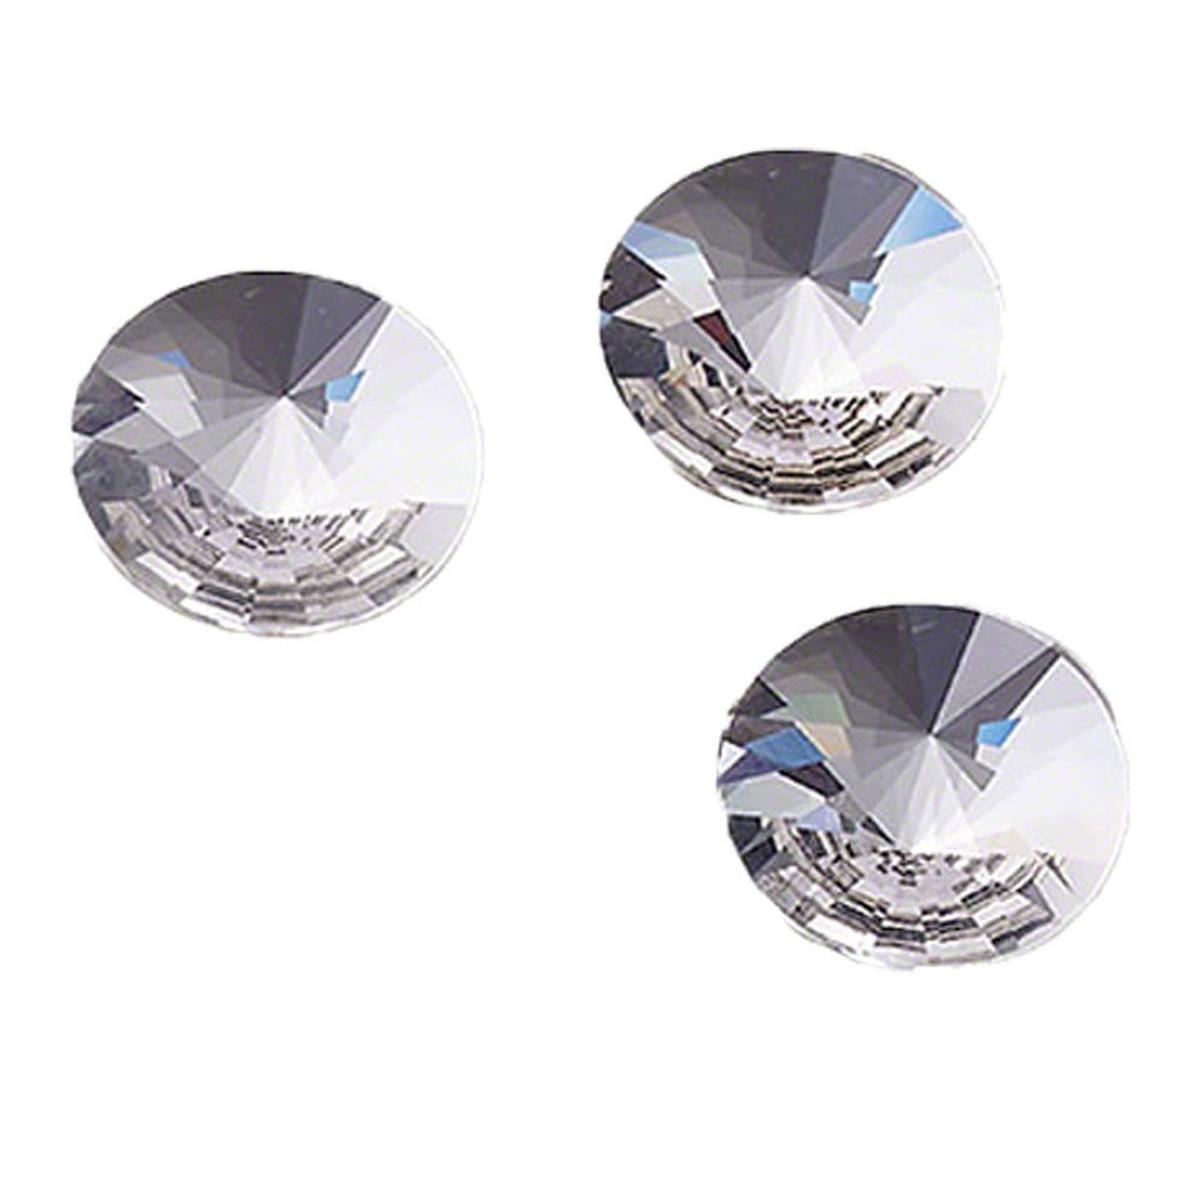 Swarovski Rivoli Jewel Cut Crystal Flat Back